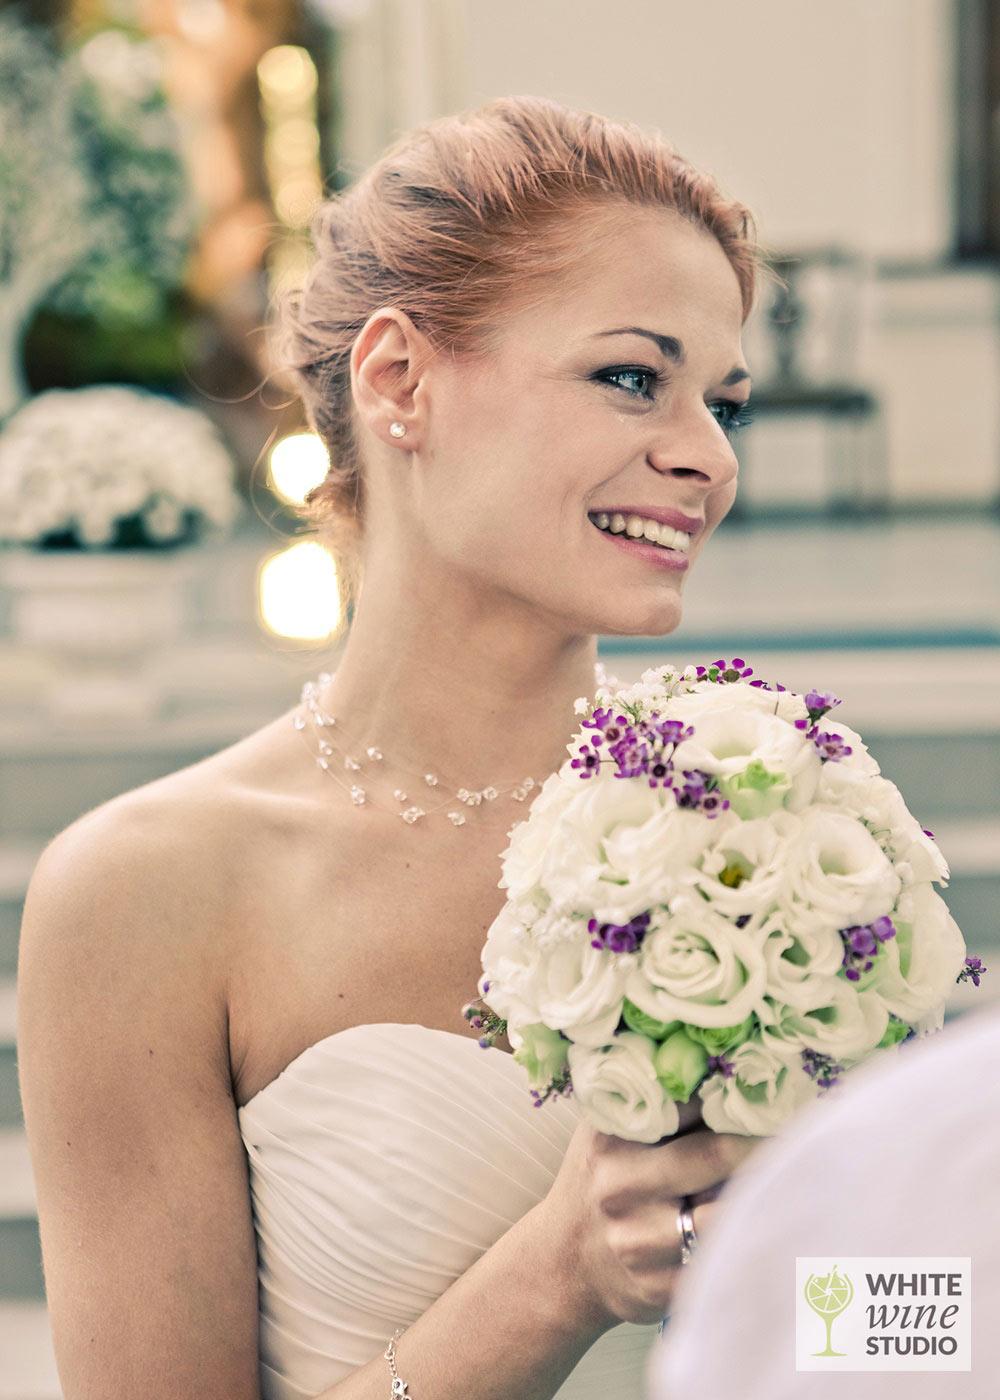 White-Wine-Studio_Wedding-Photography_Dawid-Markiewicz_27